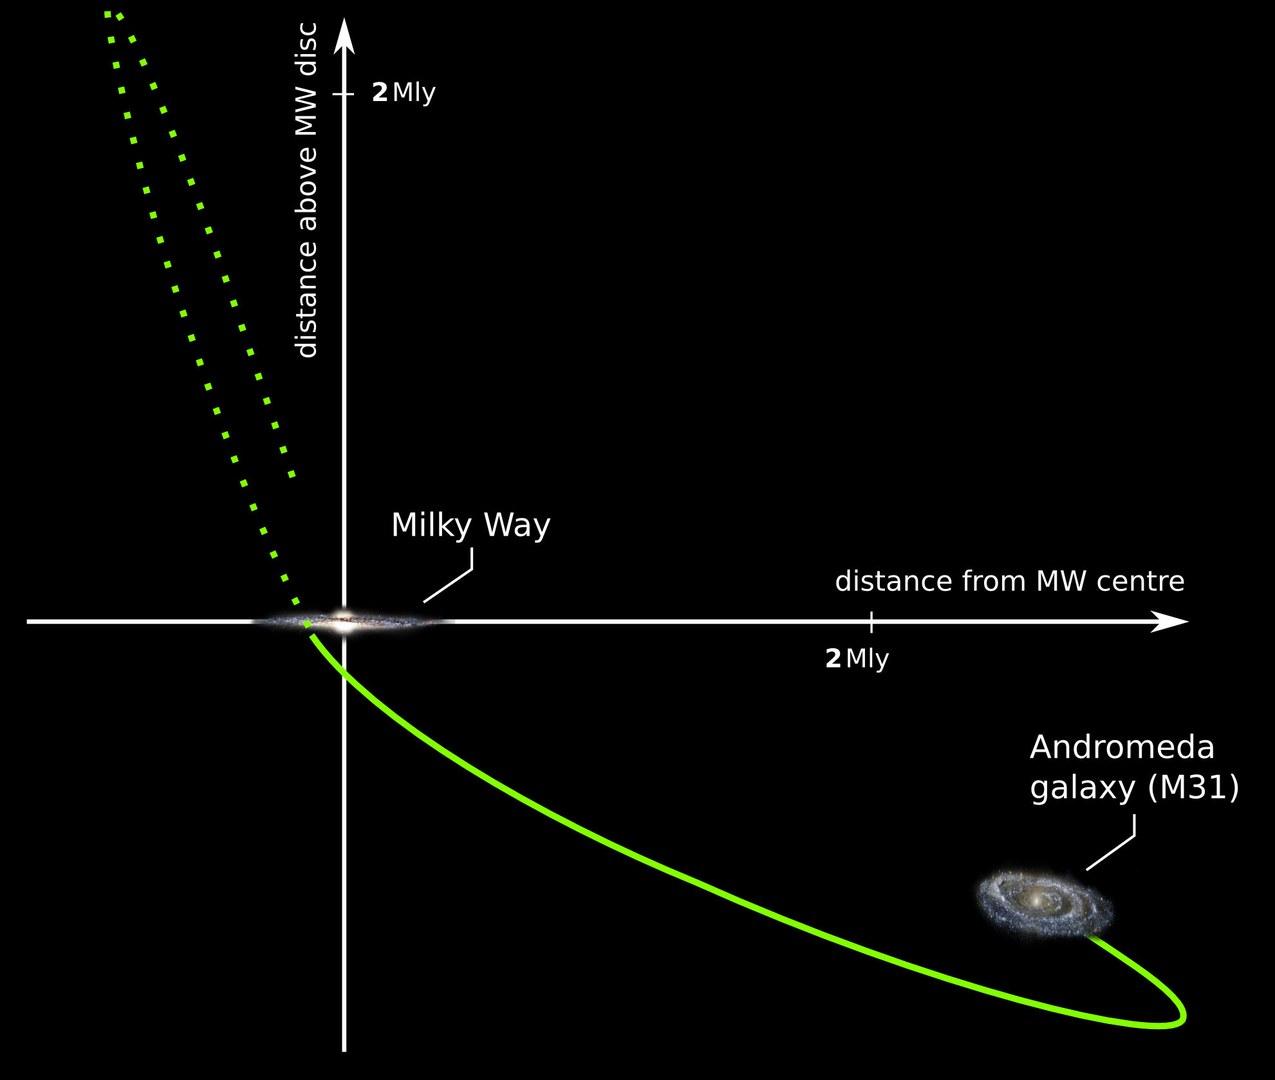 Das schematische Diagramm zeigt,